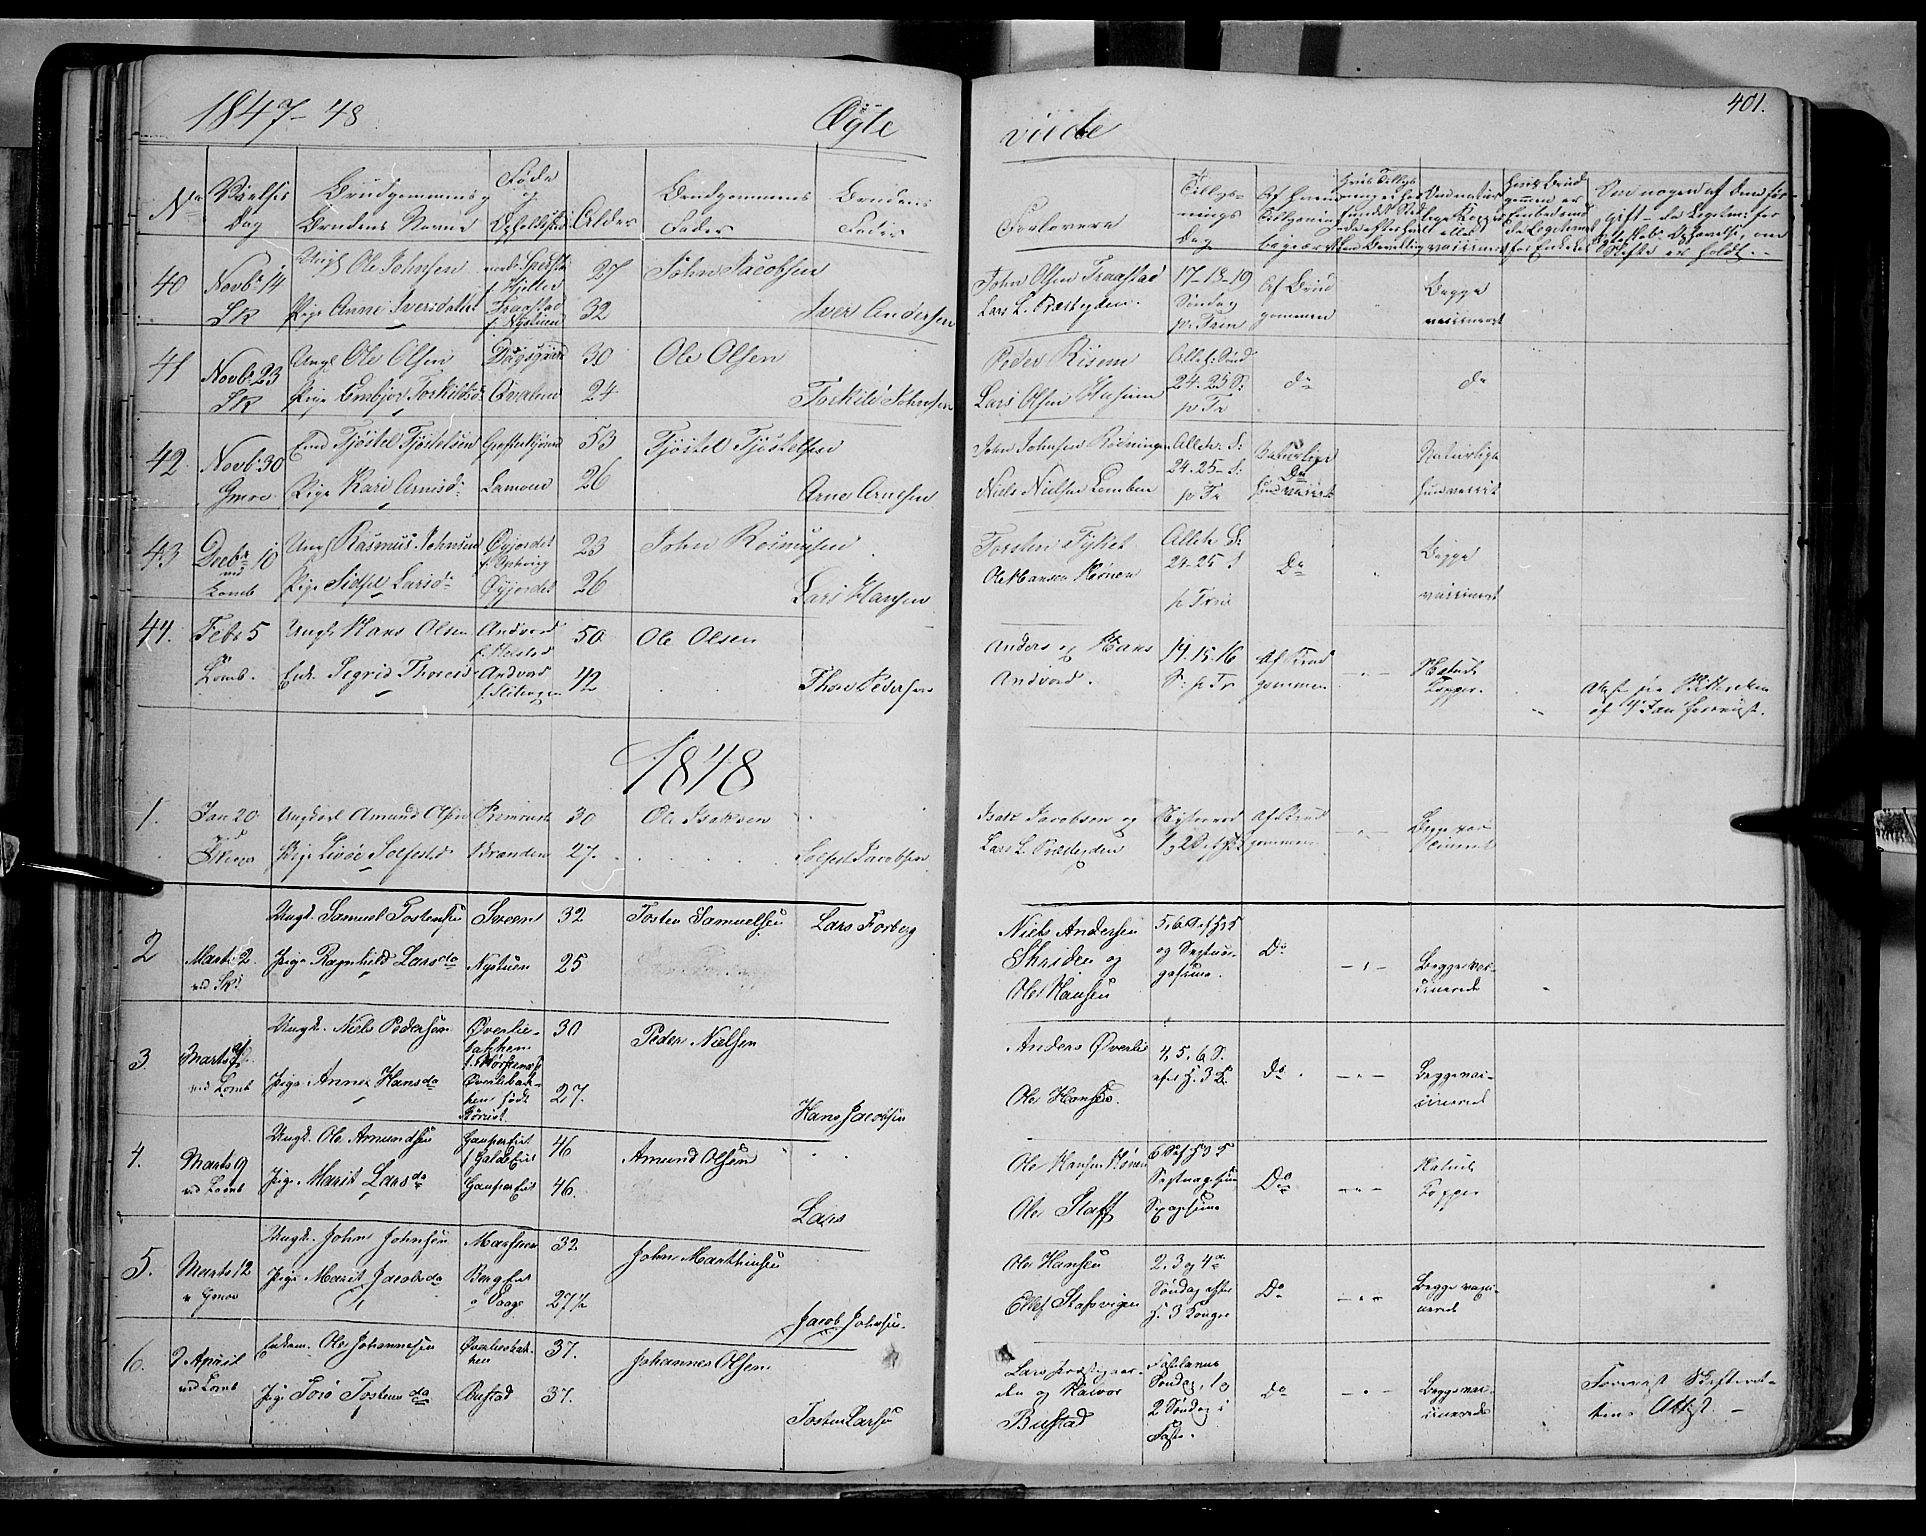 SAH, Lom prestekontor, K/L0006: Ministerialbok nr. 6B, 1837-1863, s. 401